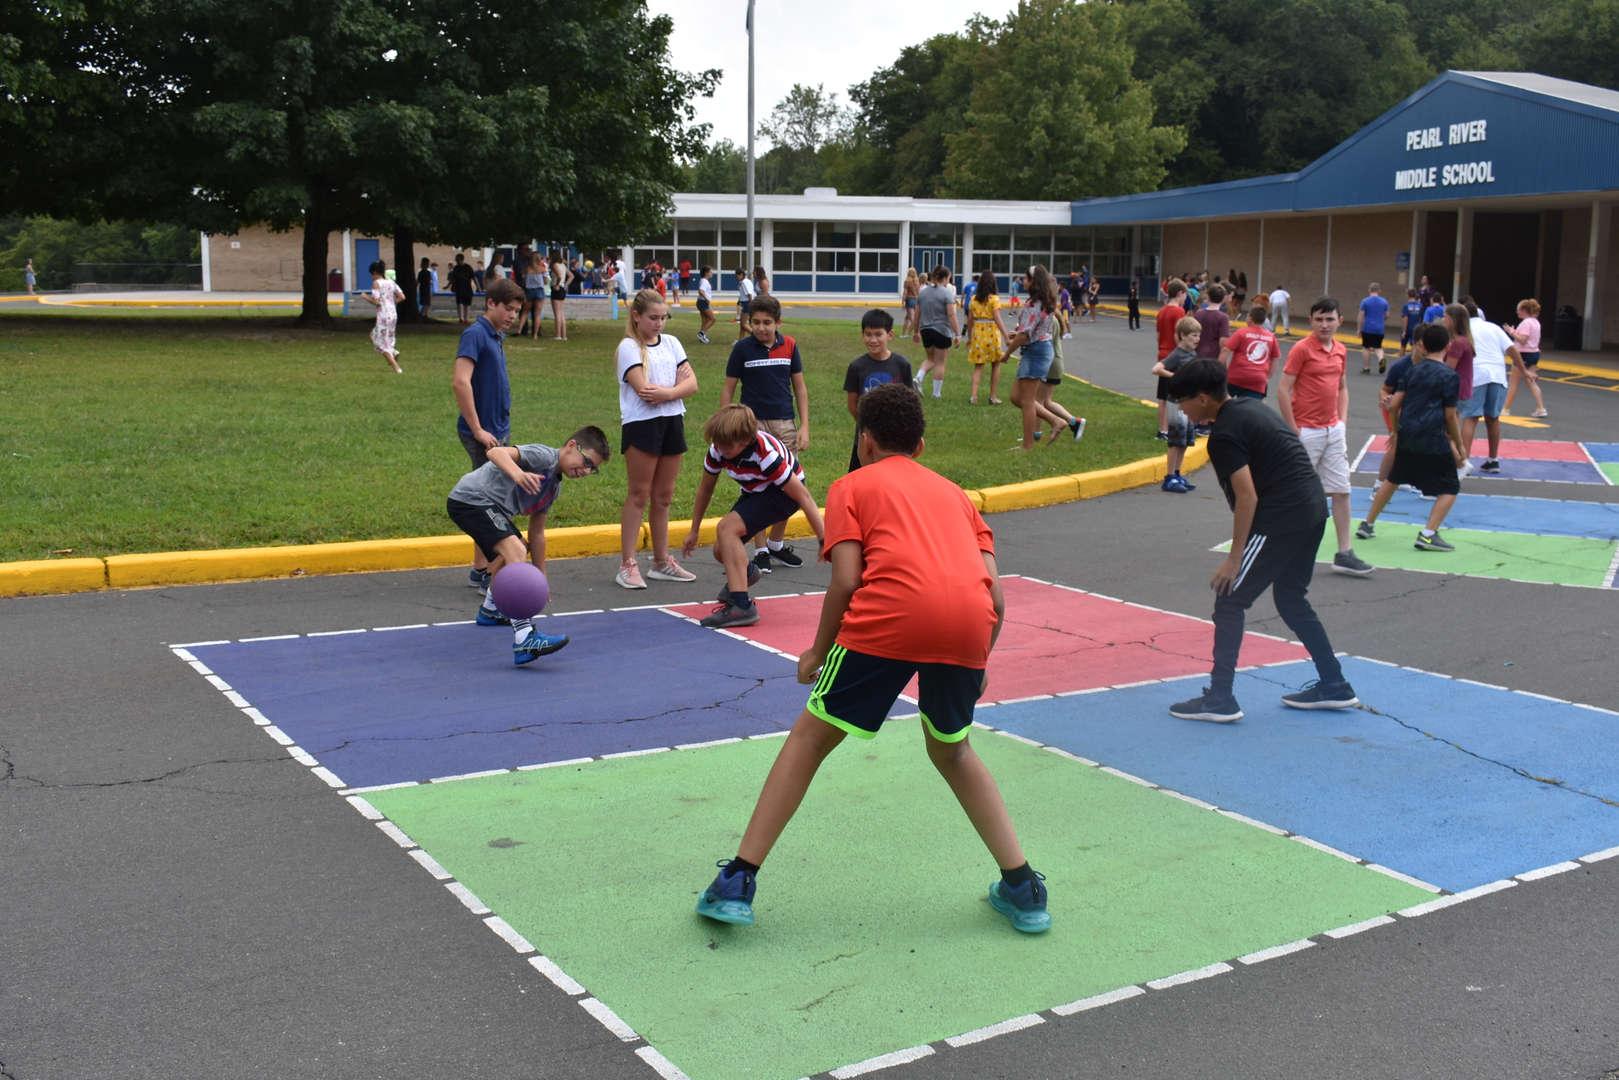 MS students playing at recess